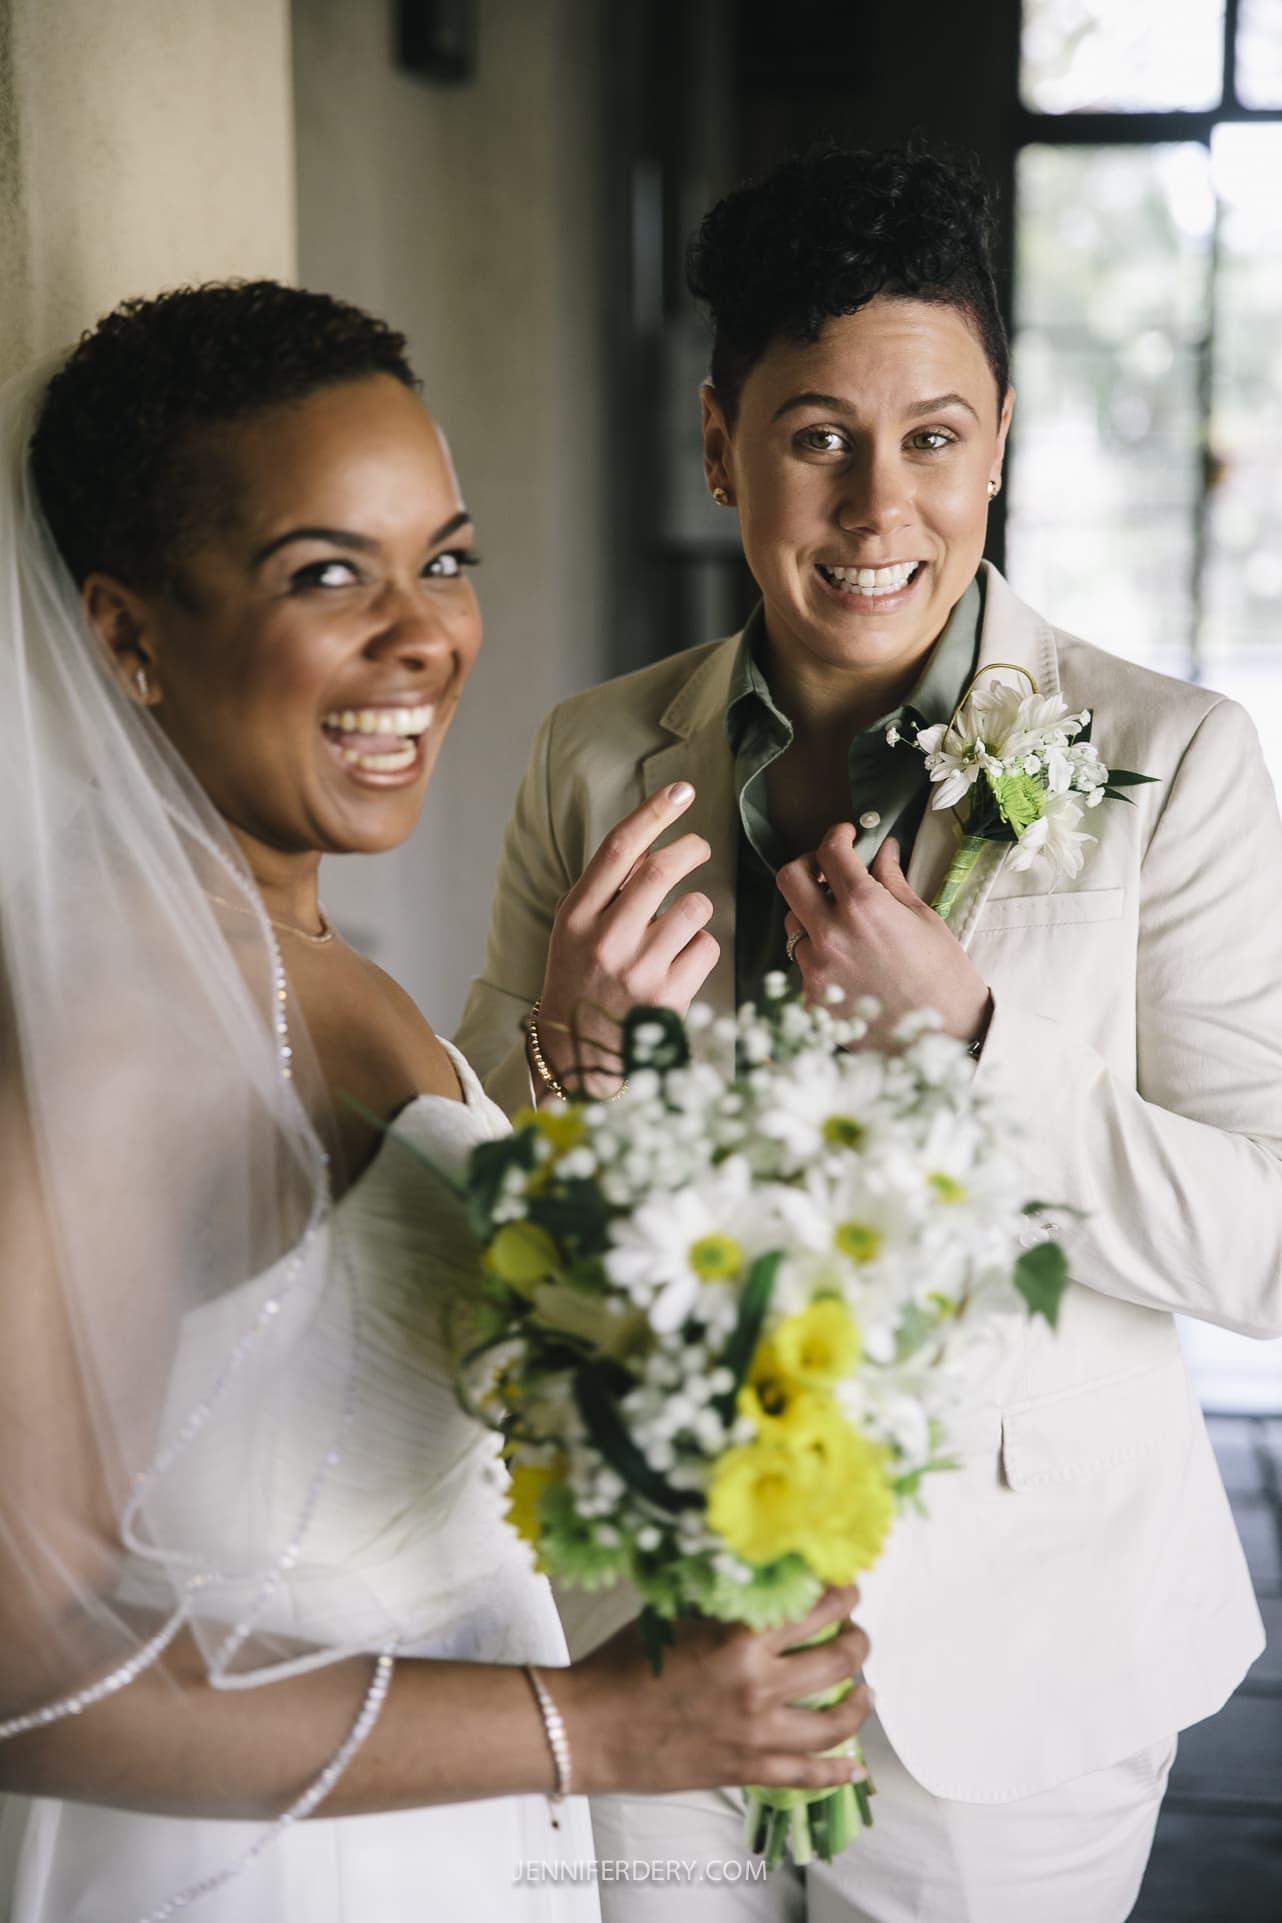 Balboa Park Wedding: Loggia and Casa Del Prado Photos